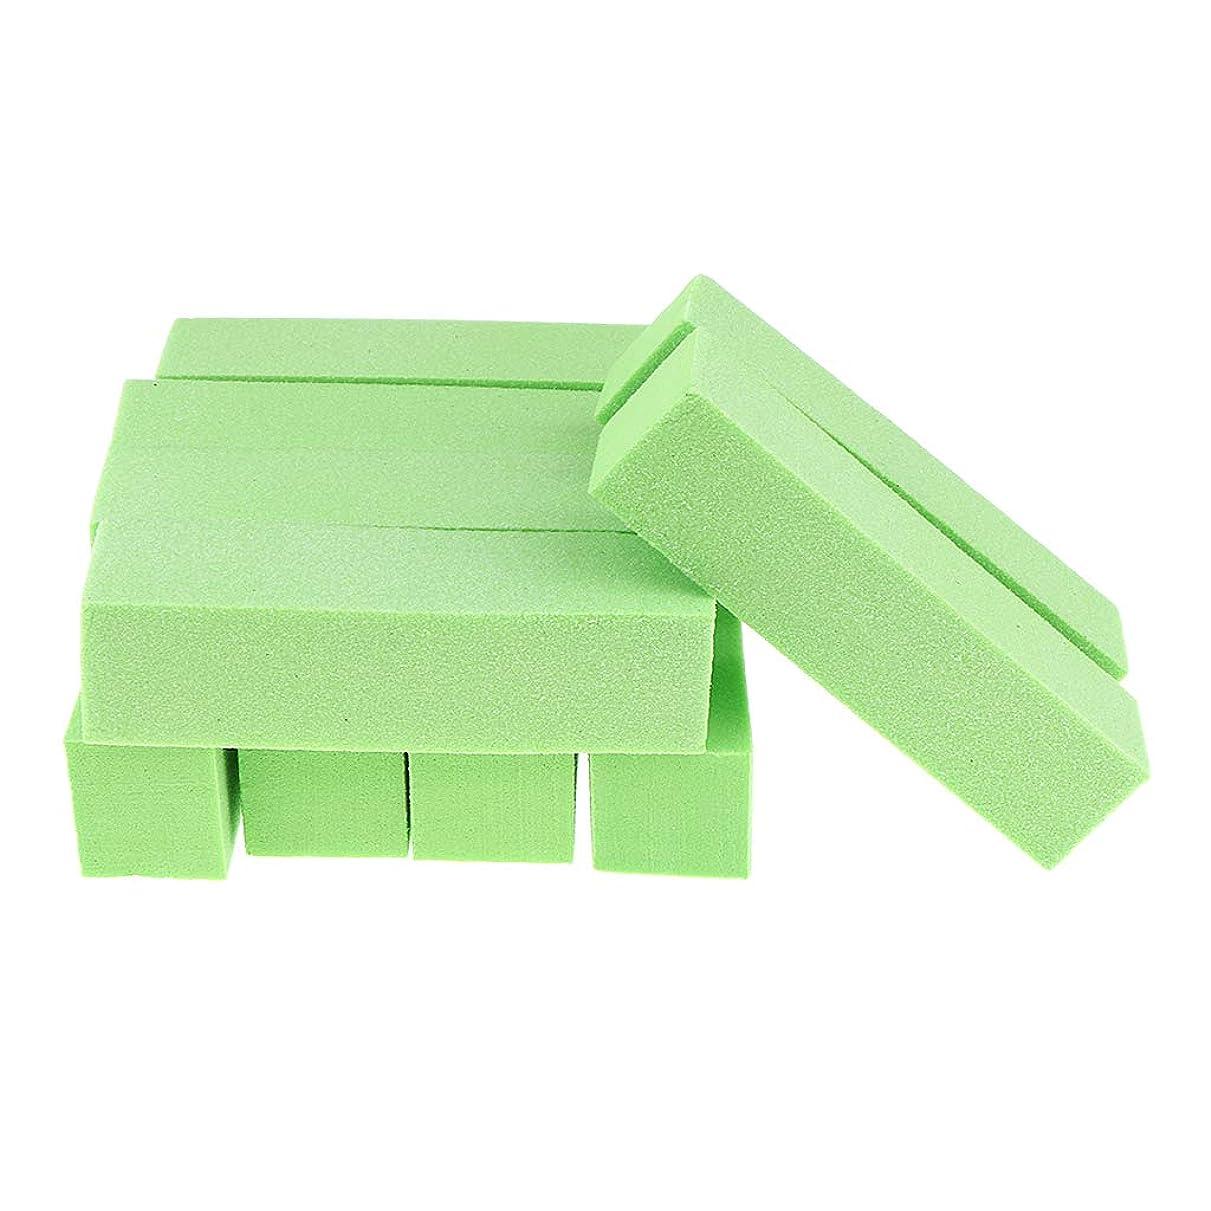 接続詞旋回トンB Blesiya 10個 ネイルファイル ネイル道具 全5色 - 緑